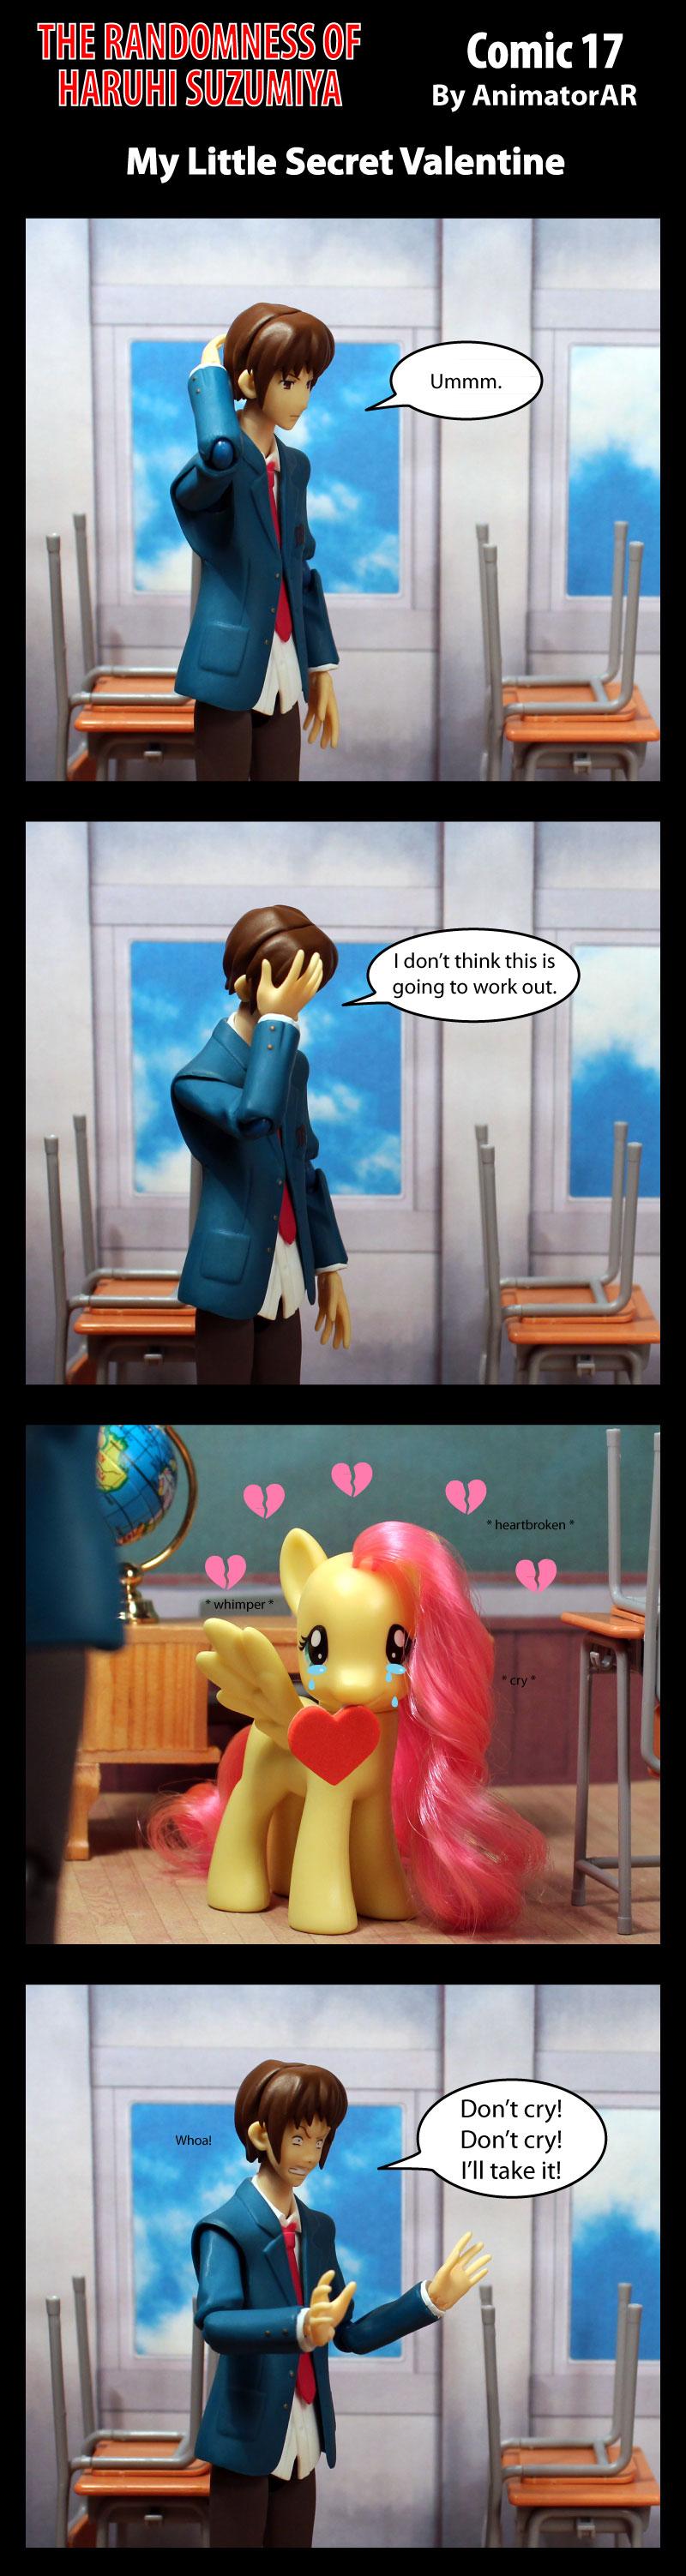 My Little Secret Valentine by AnimatorAR